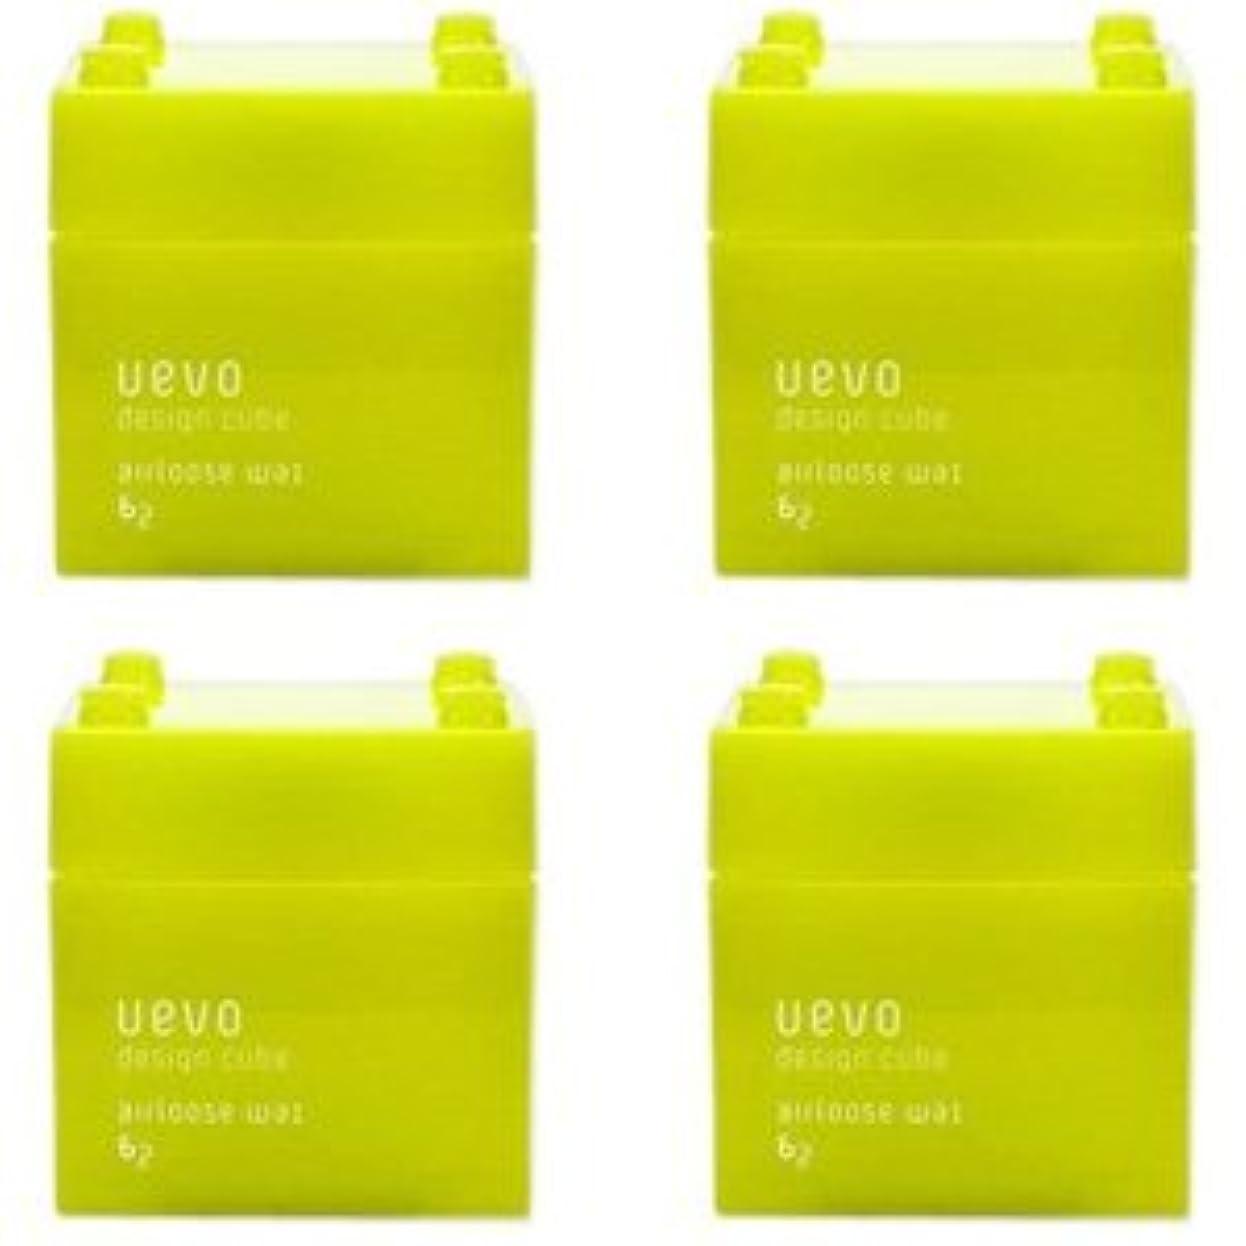 キャラバン下手受け皿【X4個セット】 デミ ウェーボ デザインキューブ エアルーズワックス 80g airloose wax DEMI uevo design cube